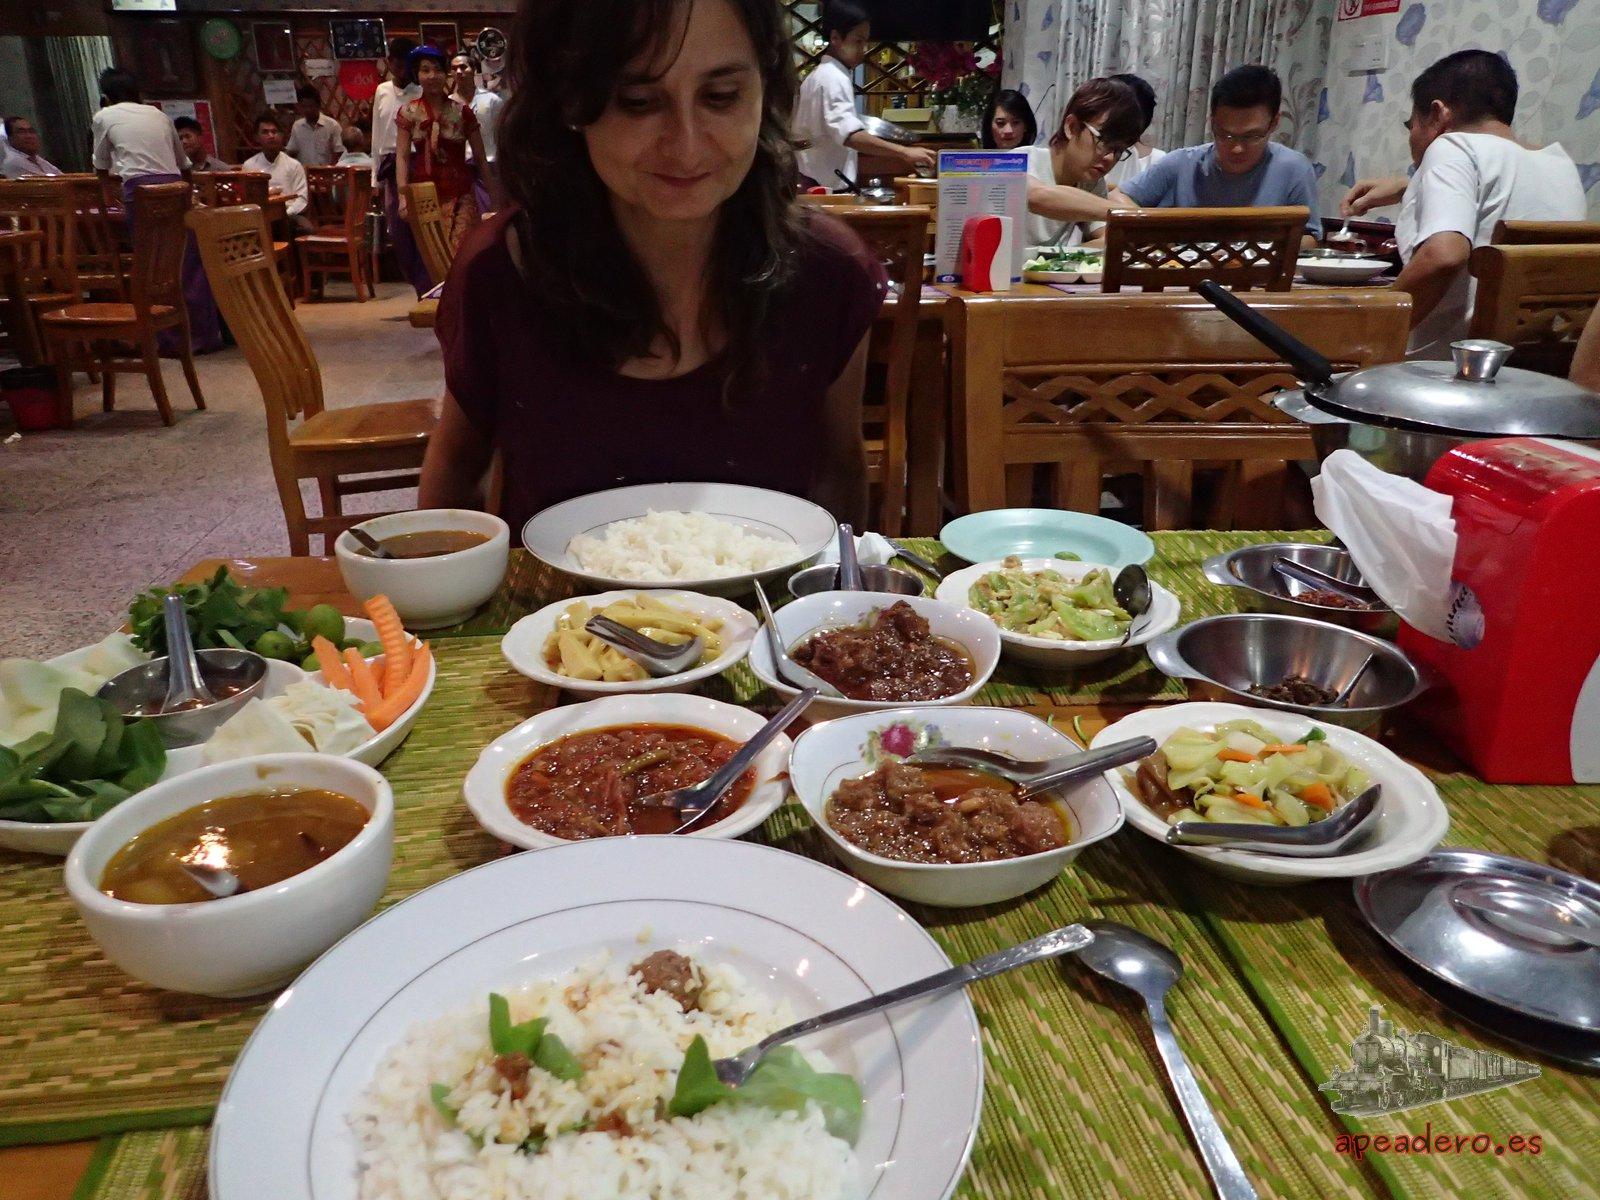 La comida en un viaje a Birmania